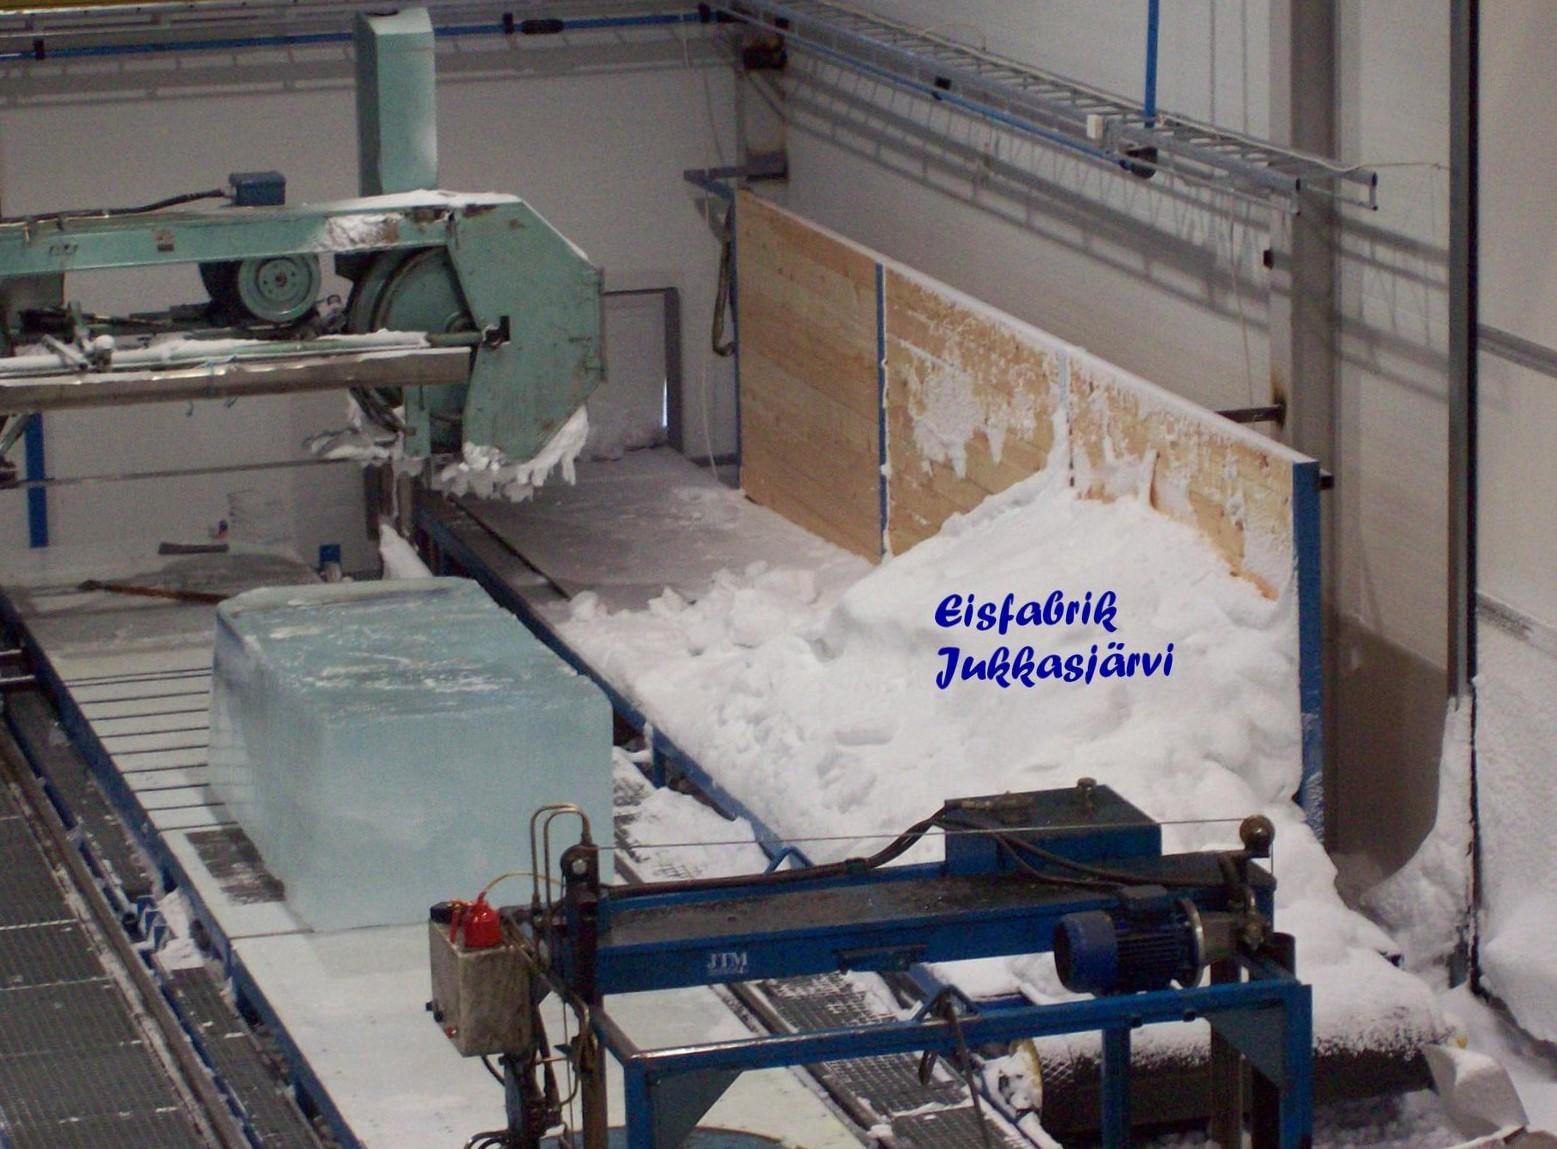 Eisfabrik Jukkasjärvi - Lappland